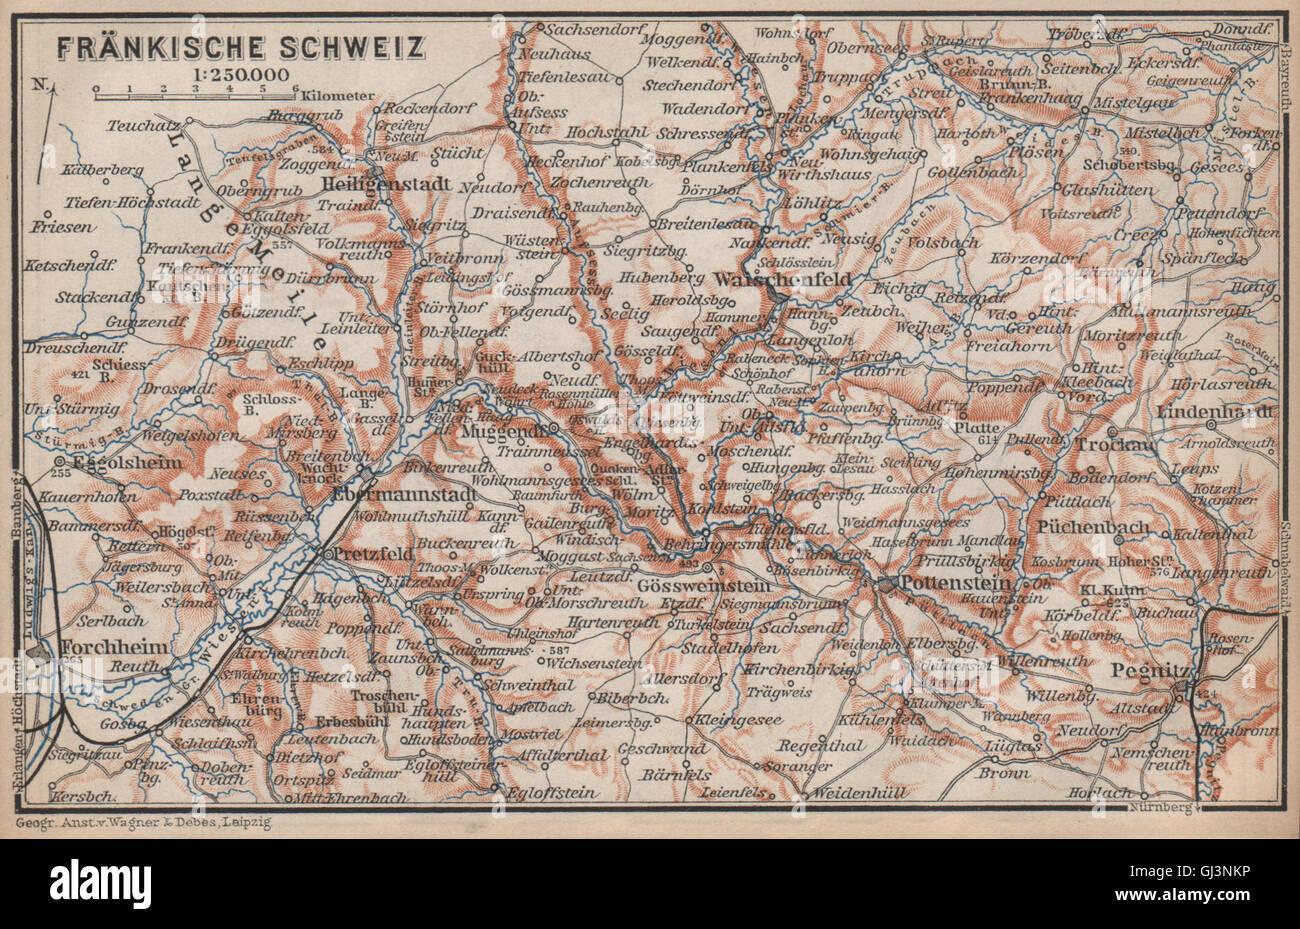 Fränkische Schweiz Karte.Fränkische Schweiz Fränkische Schweiz Topo Karte Deutschland Karte